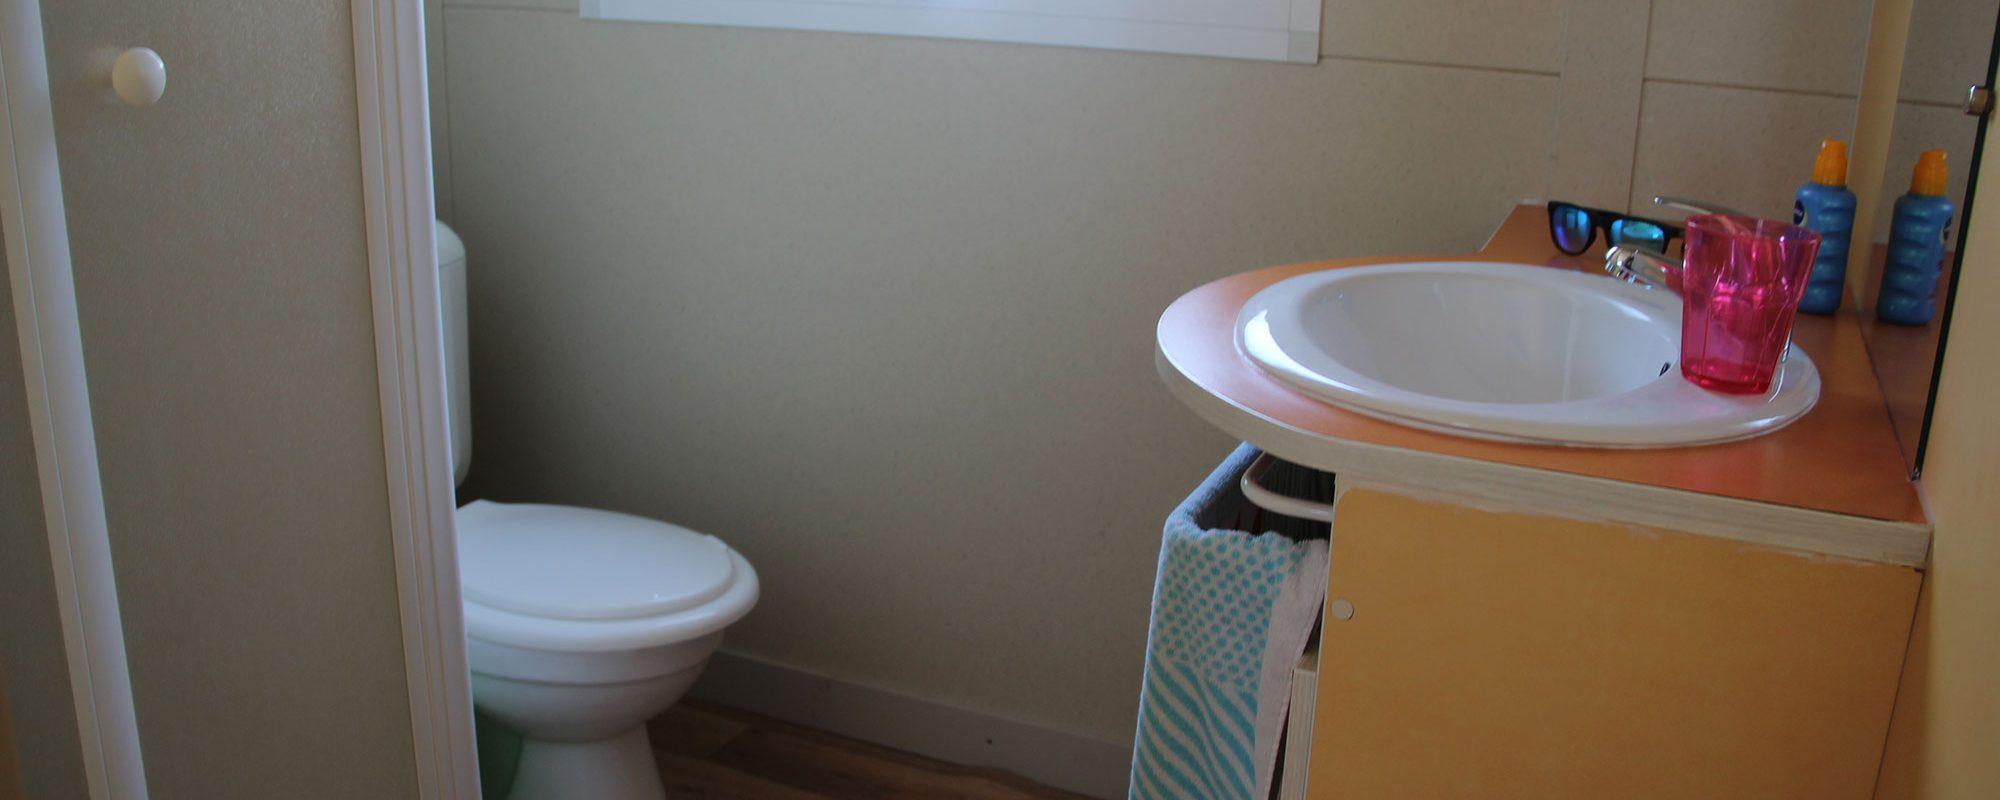 Location de mobil-home nemo à Guérande : salle d'eau